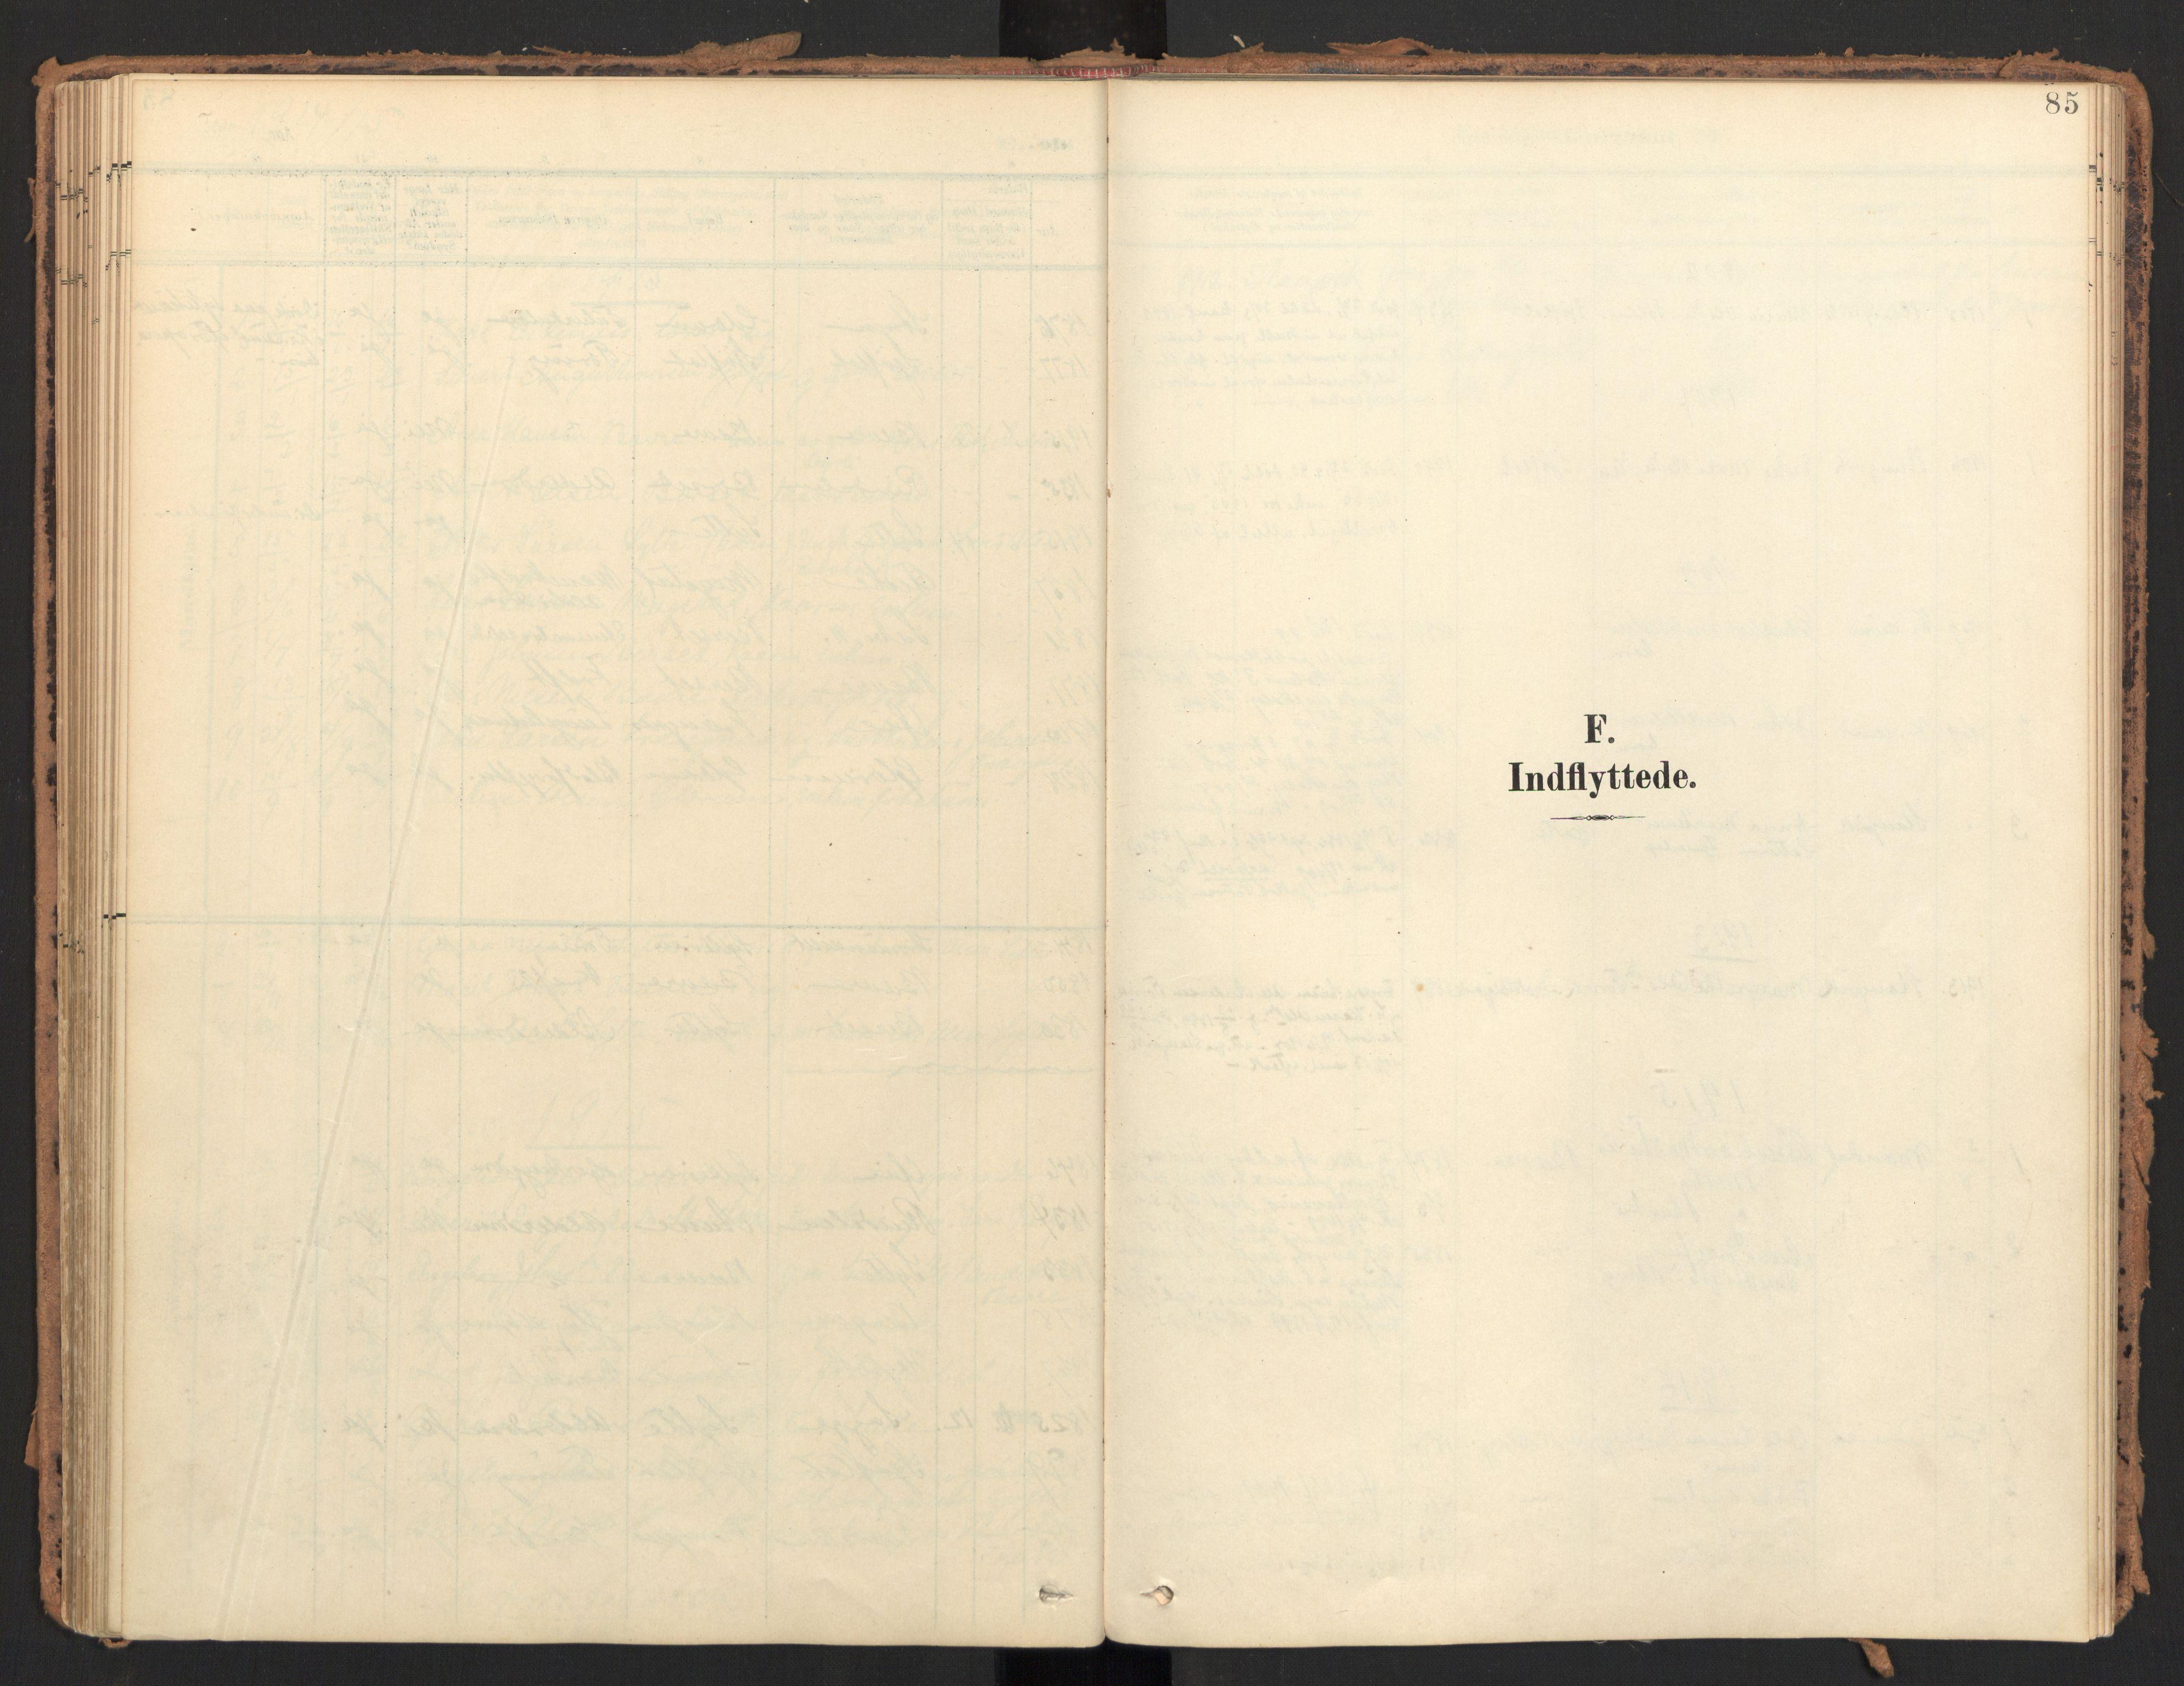 SAT, Ministerialprotokoller, klokkerbøker og fødselsregistre - Møre og Romsdal, 595/L1048: Parish register (official) no. 595A10, 1900-1917, p. 85